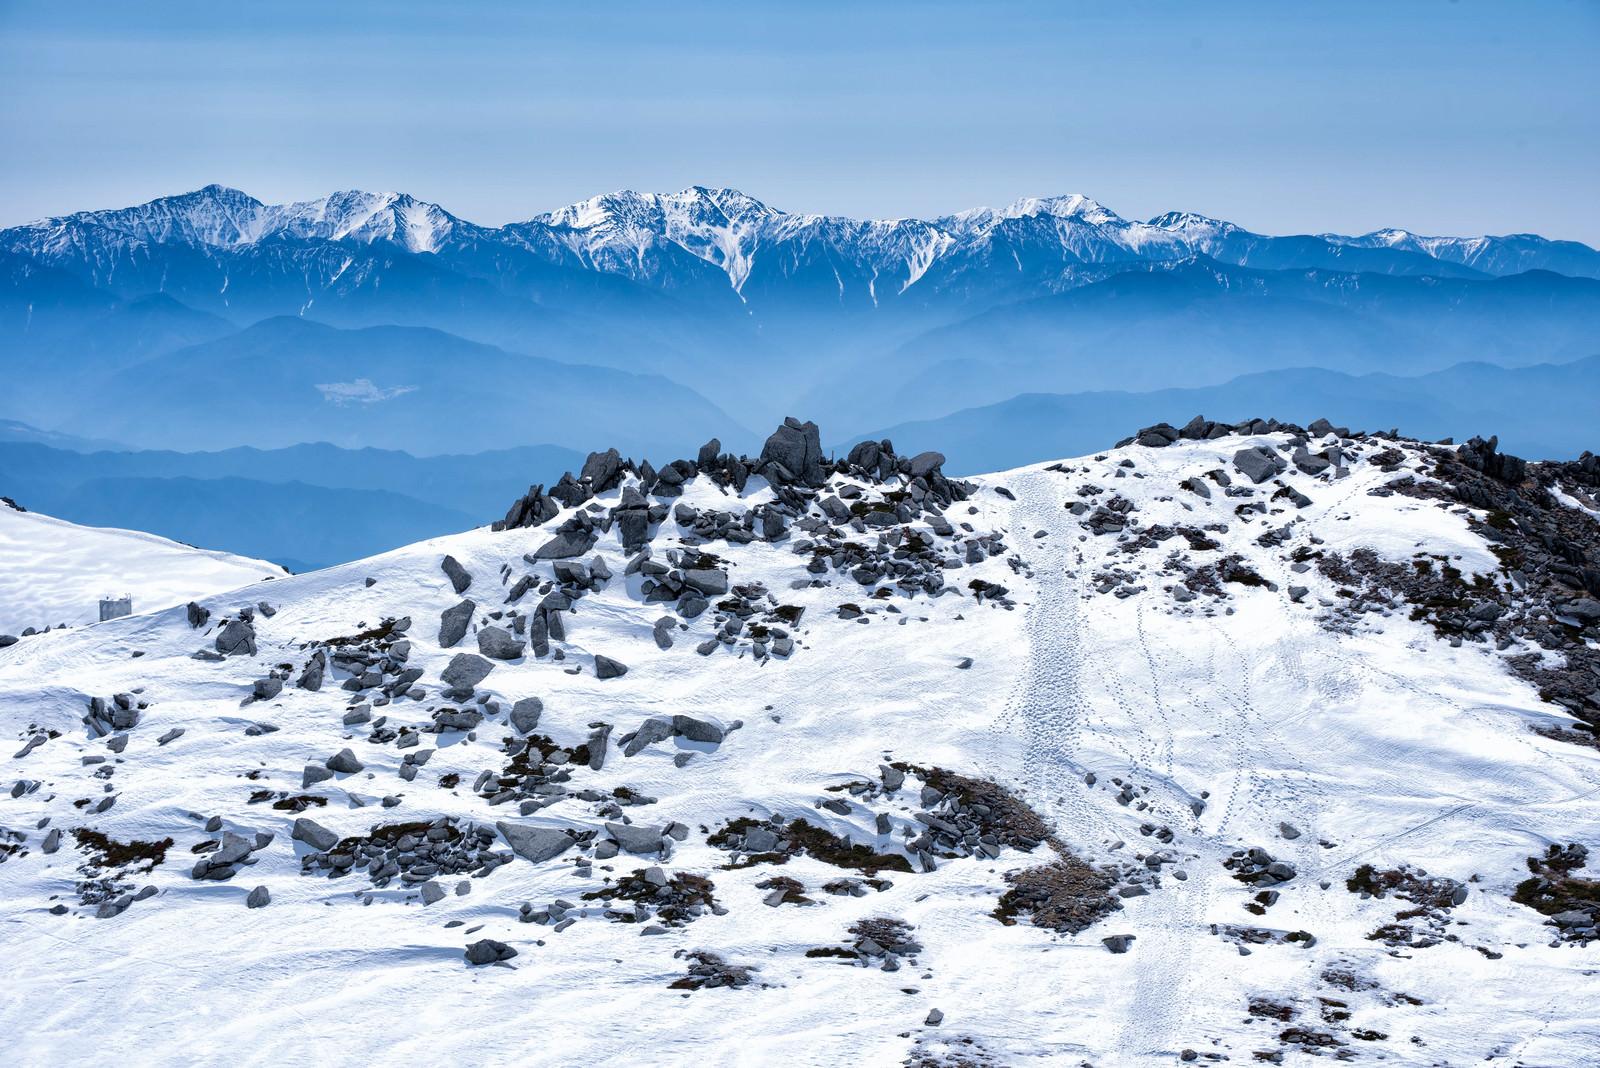 「雪残る中岳のガレ場と南アルプス」の写真